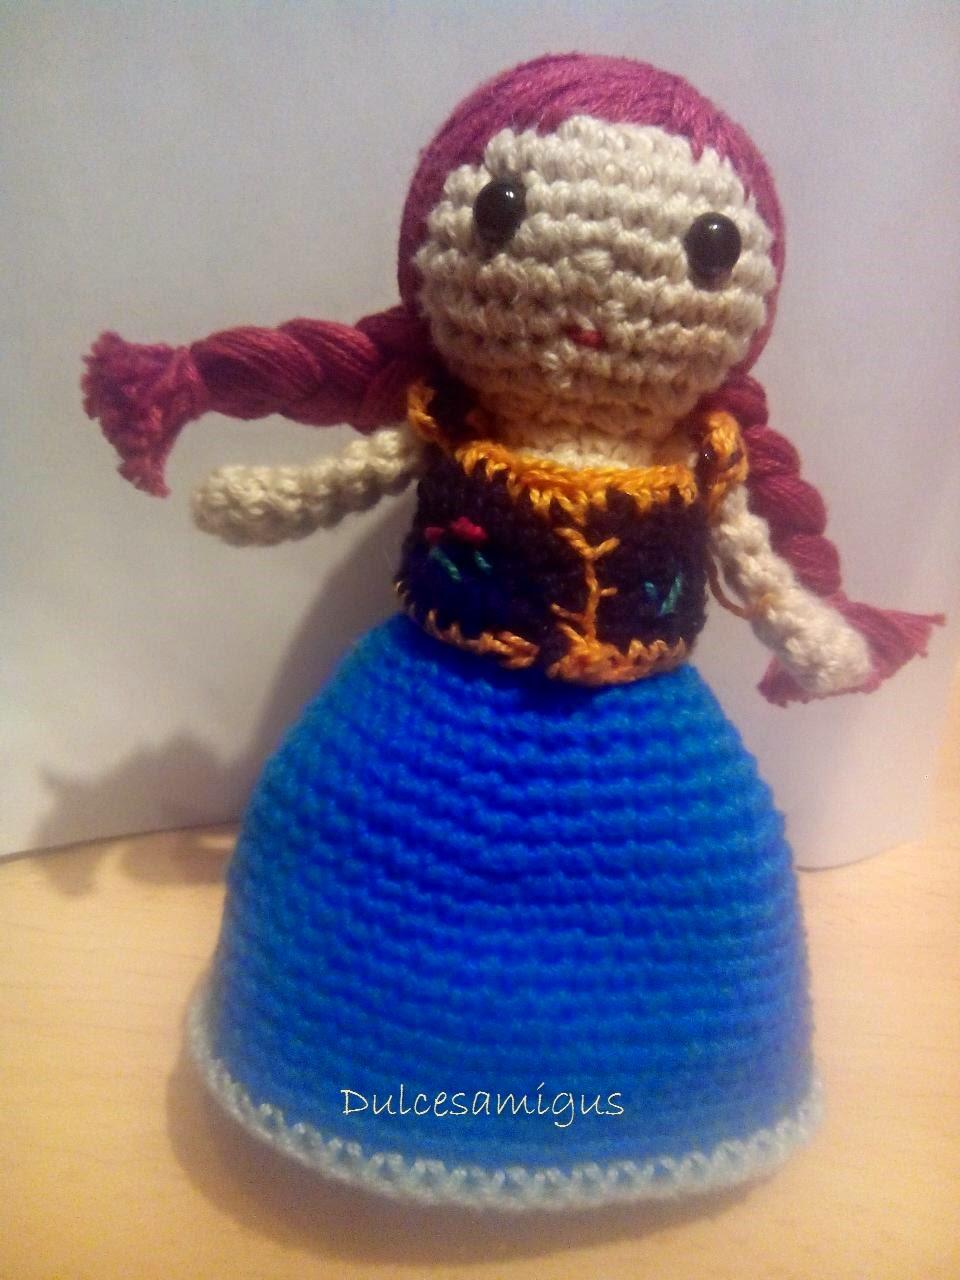 Amigurumi Patron De Elsa : Especial Elsa y Ana de FROZEN (Amigurumi) DulcesAmigus